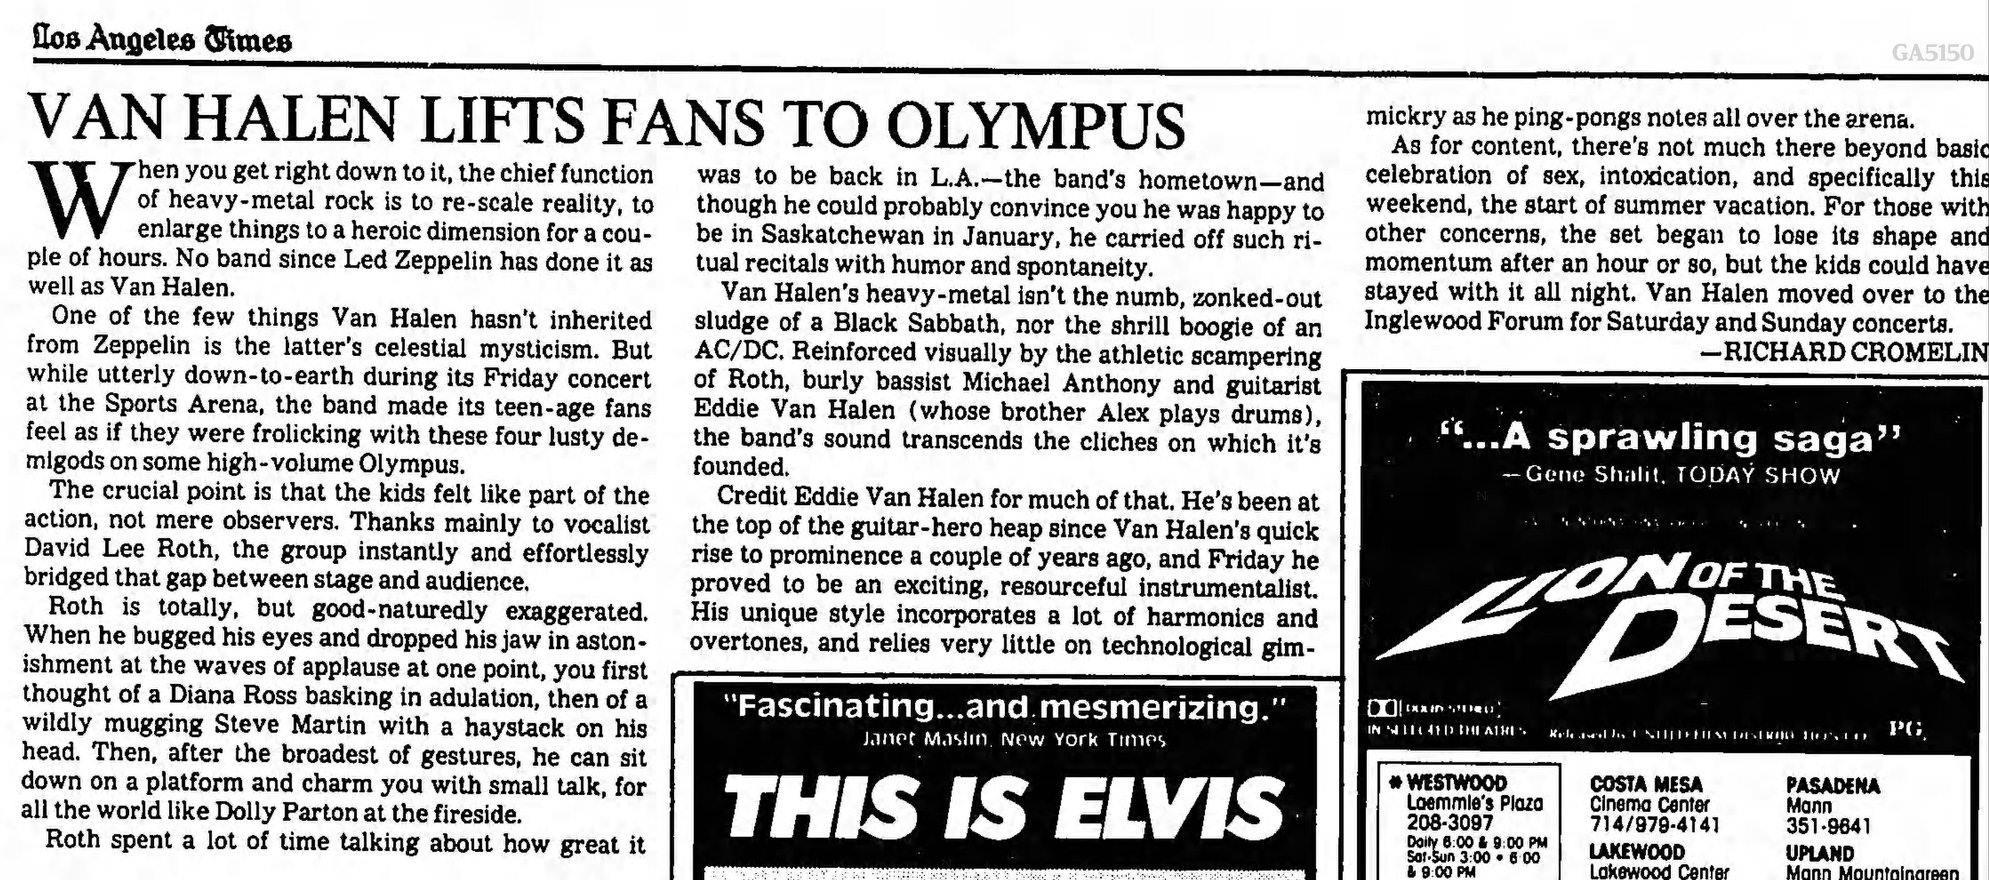 6/19/1981 LA Times Review